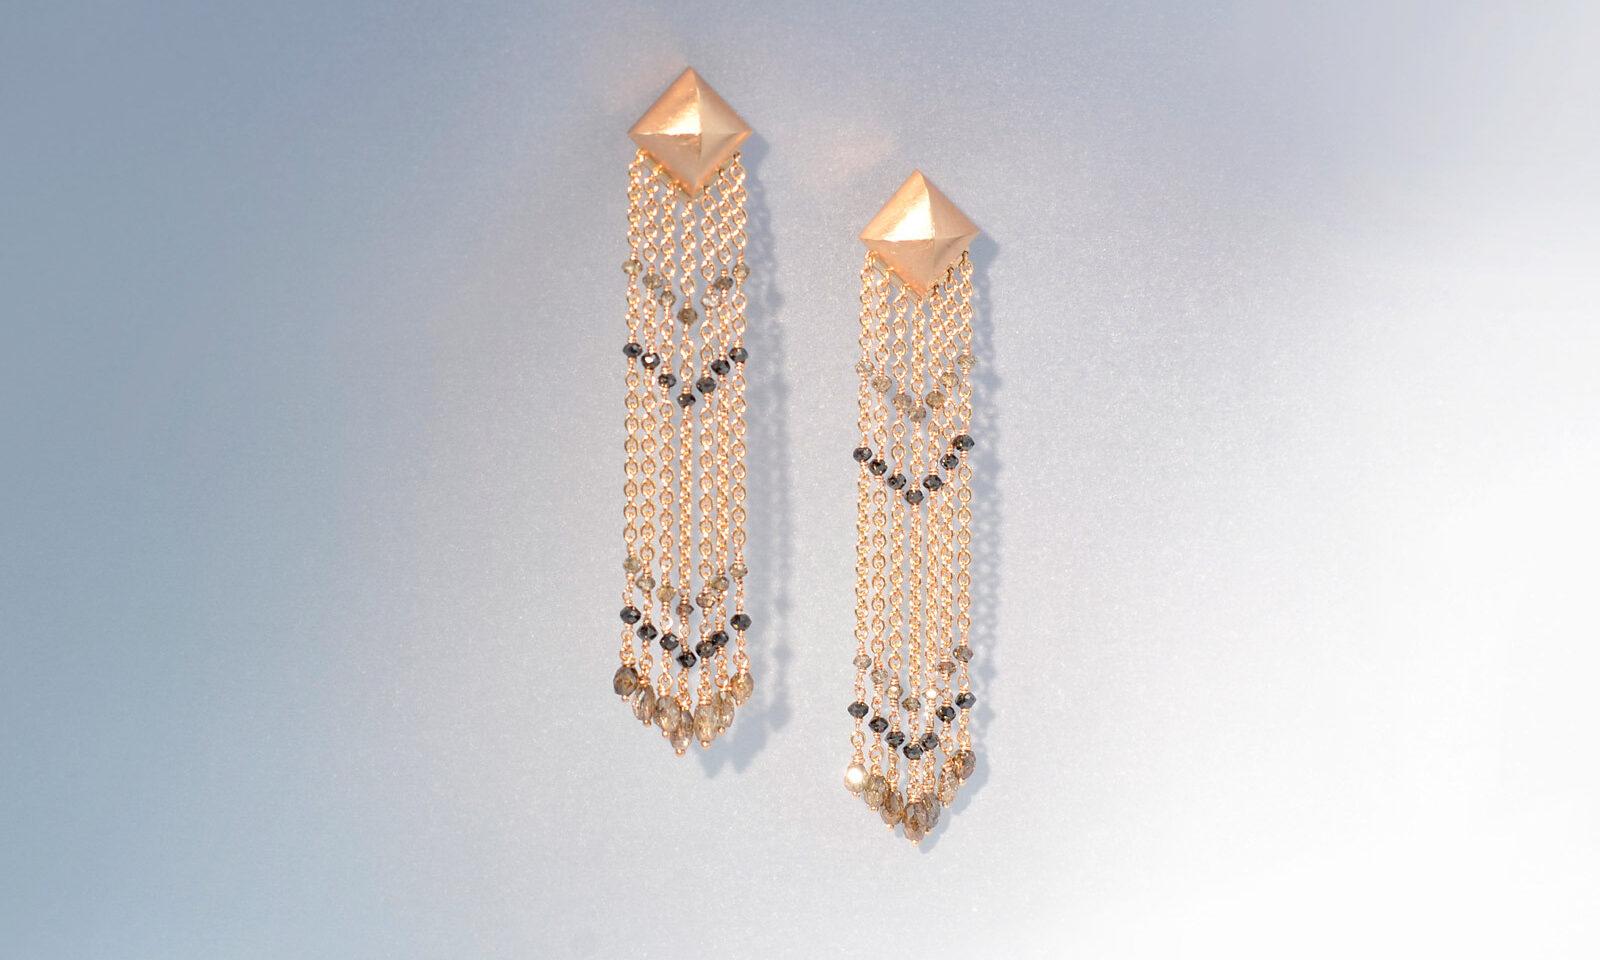 Ohrhaenger charleston. Ohrhänger Rotgold 750 mit naturfarbenen Diamanten, Länge 6.5 cm, CHF 4950.-